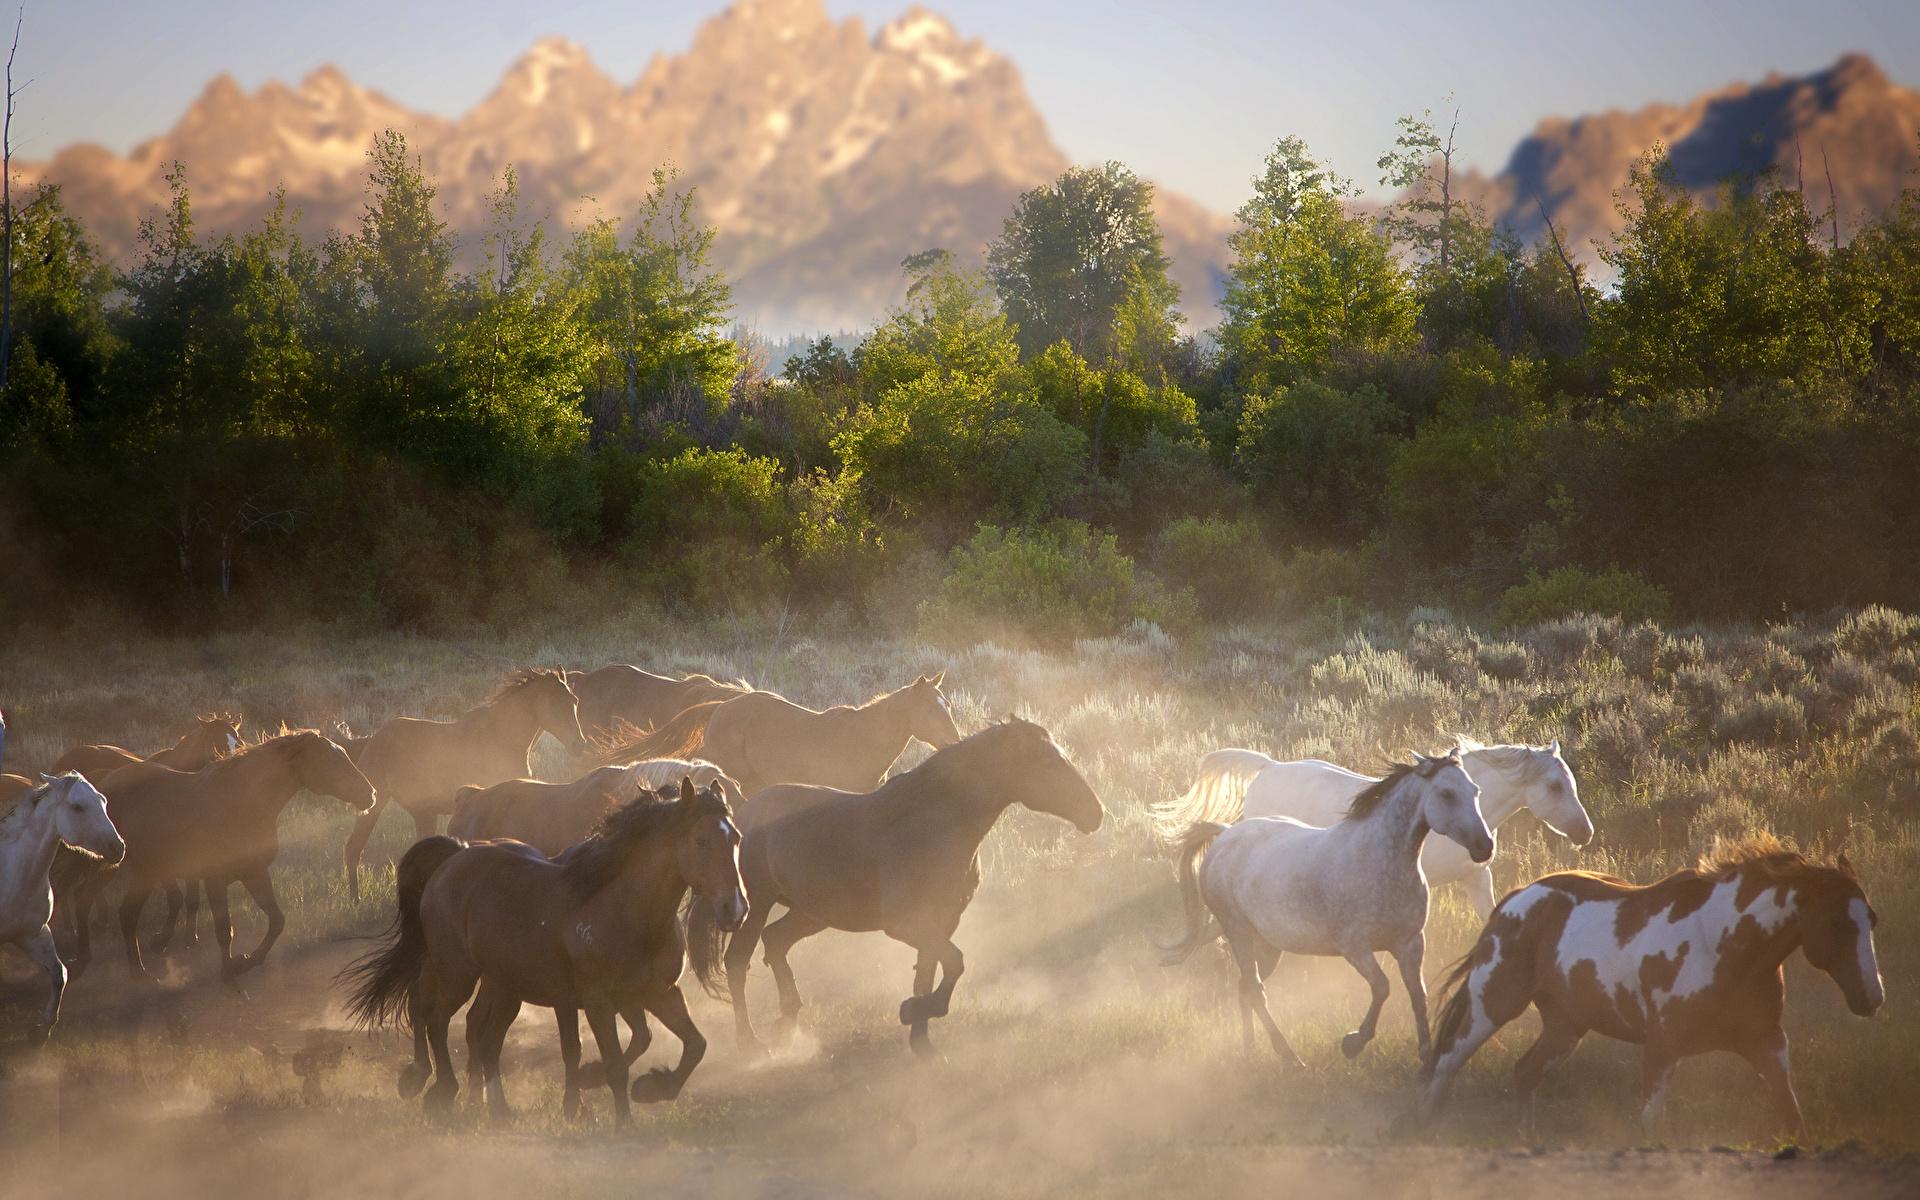 оно к чему сниться стадо коней термобелье поленитесь обязательно